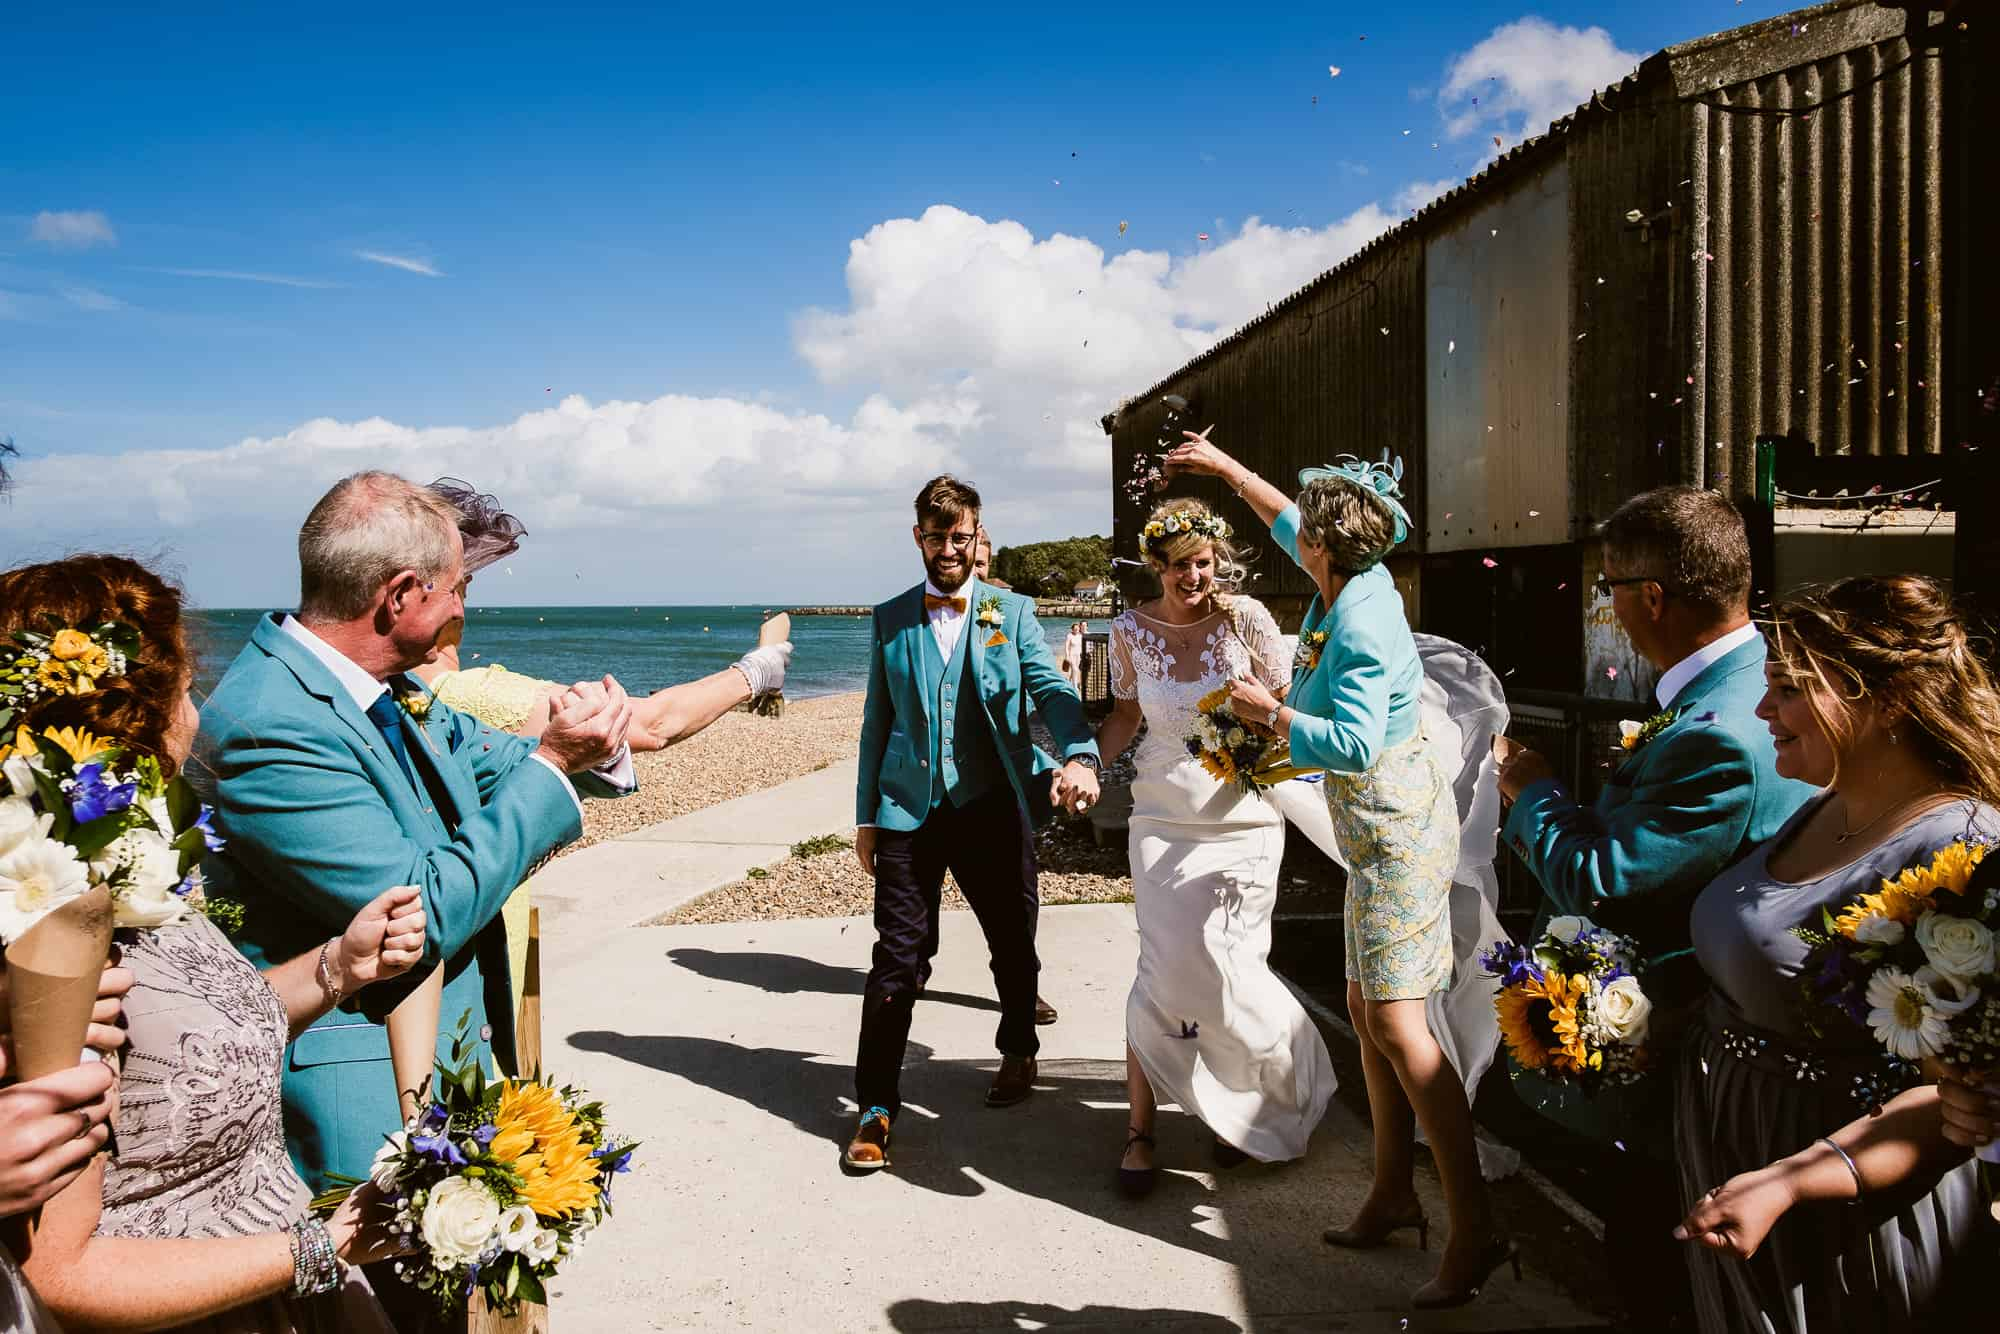 east-quay-wedding-photography-matt-tyler-0041